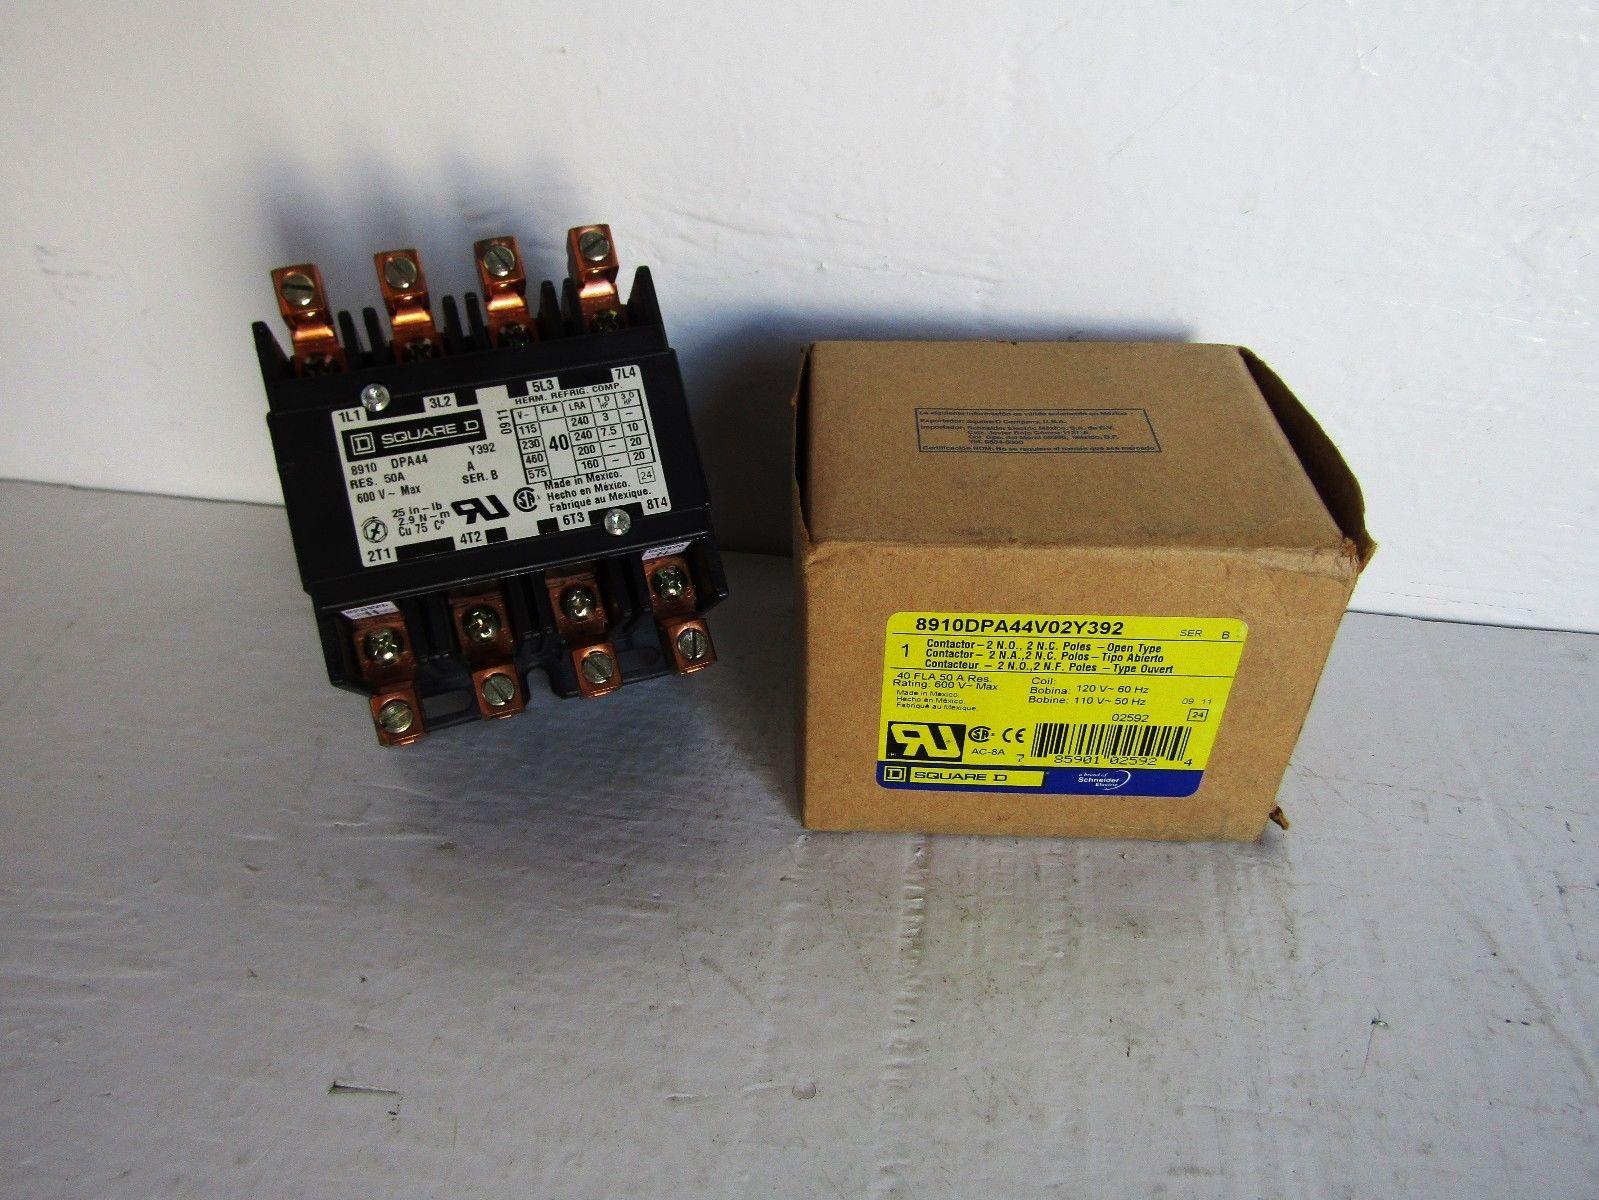 New Square D 8910dpa44v02y392 4 Pole 40 Amp 600 Volt Definite Purpose Contactor